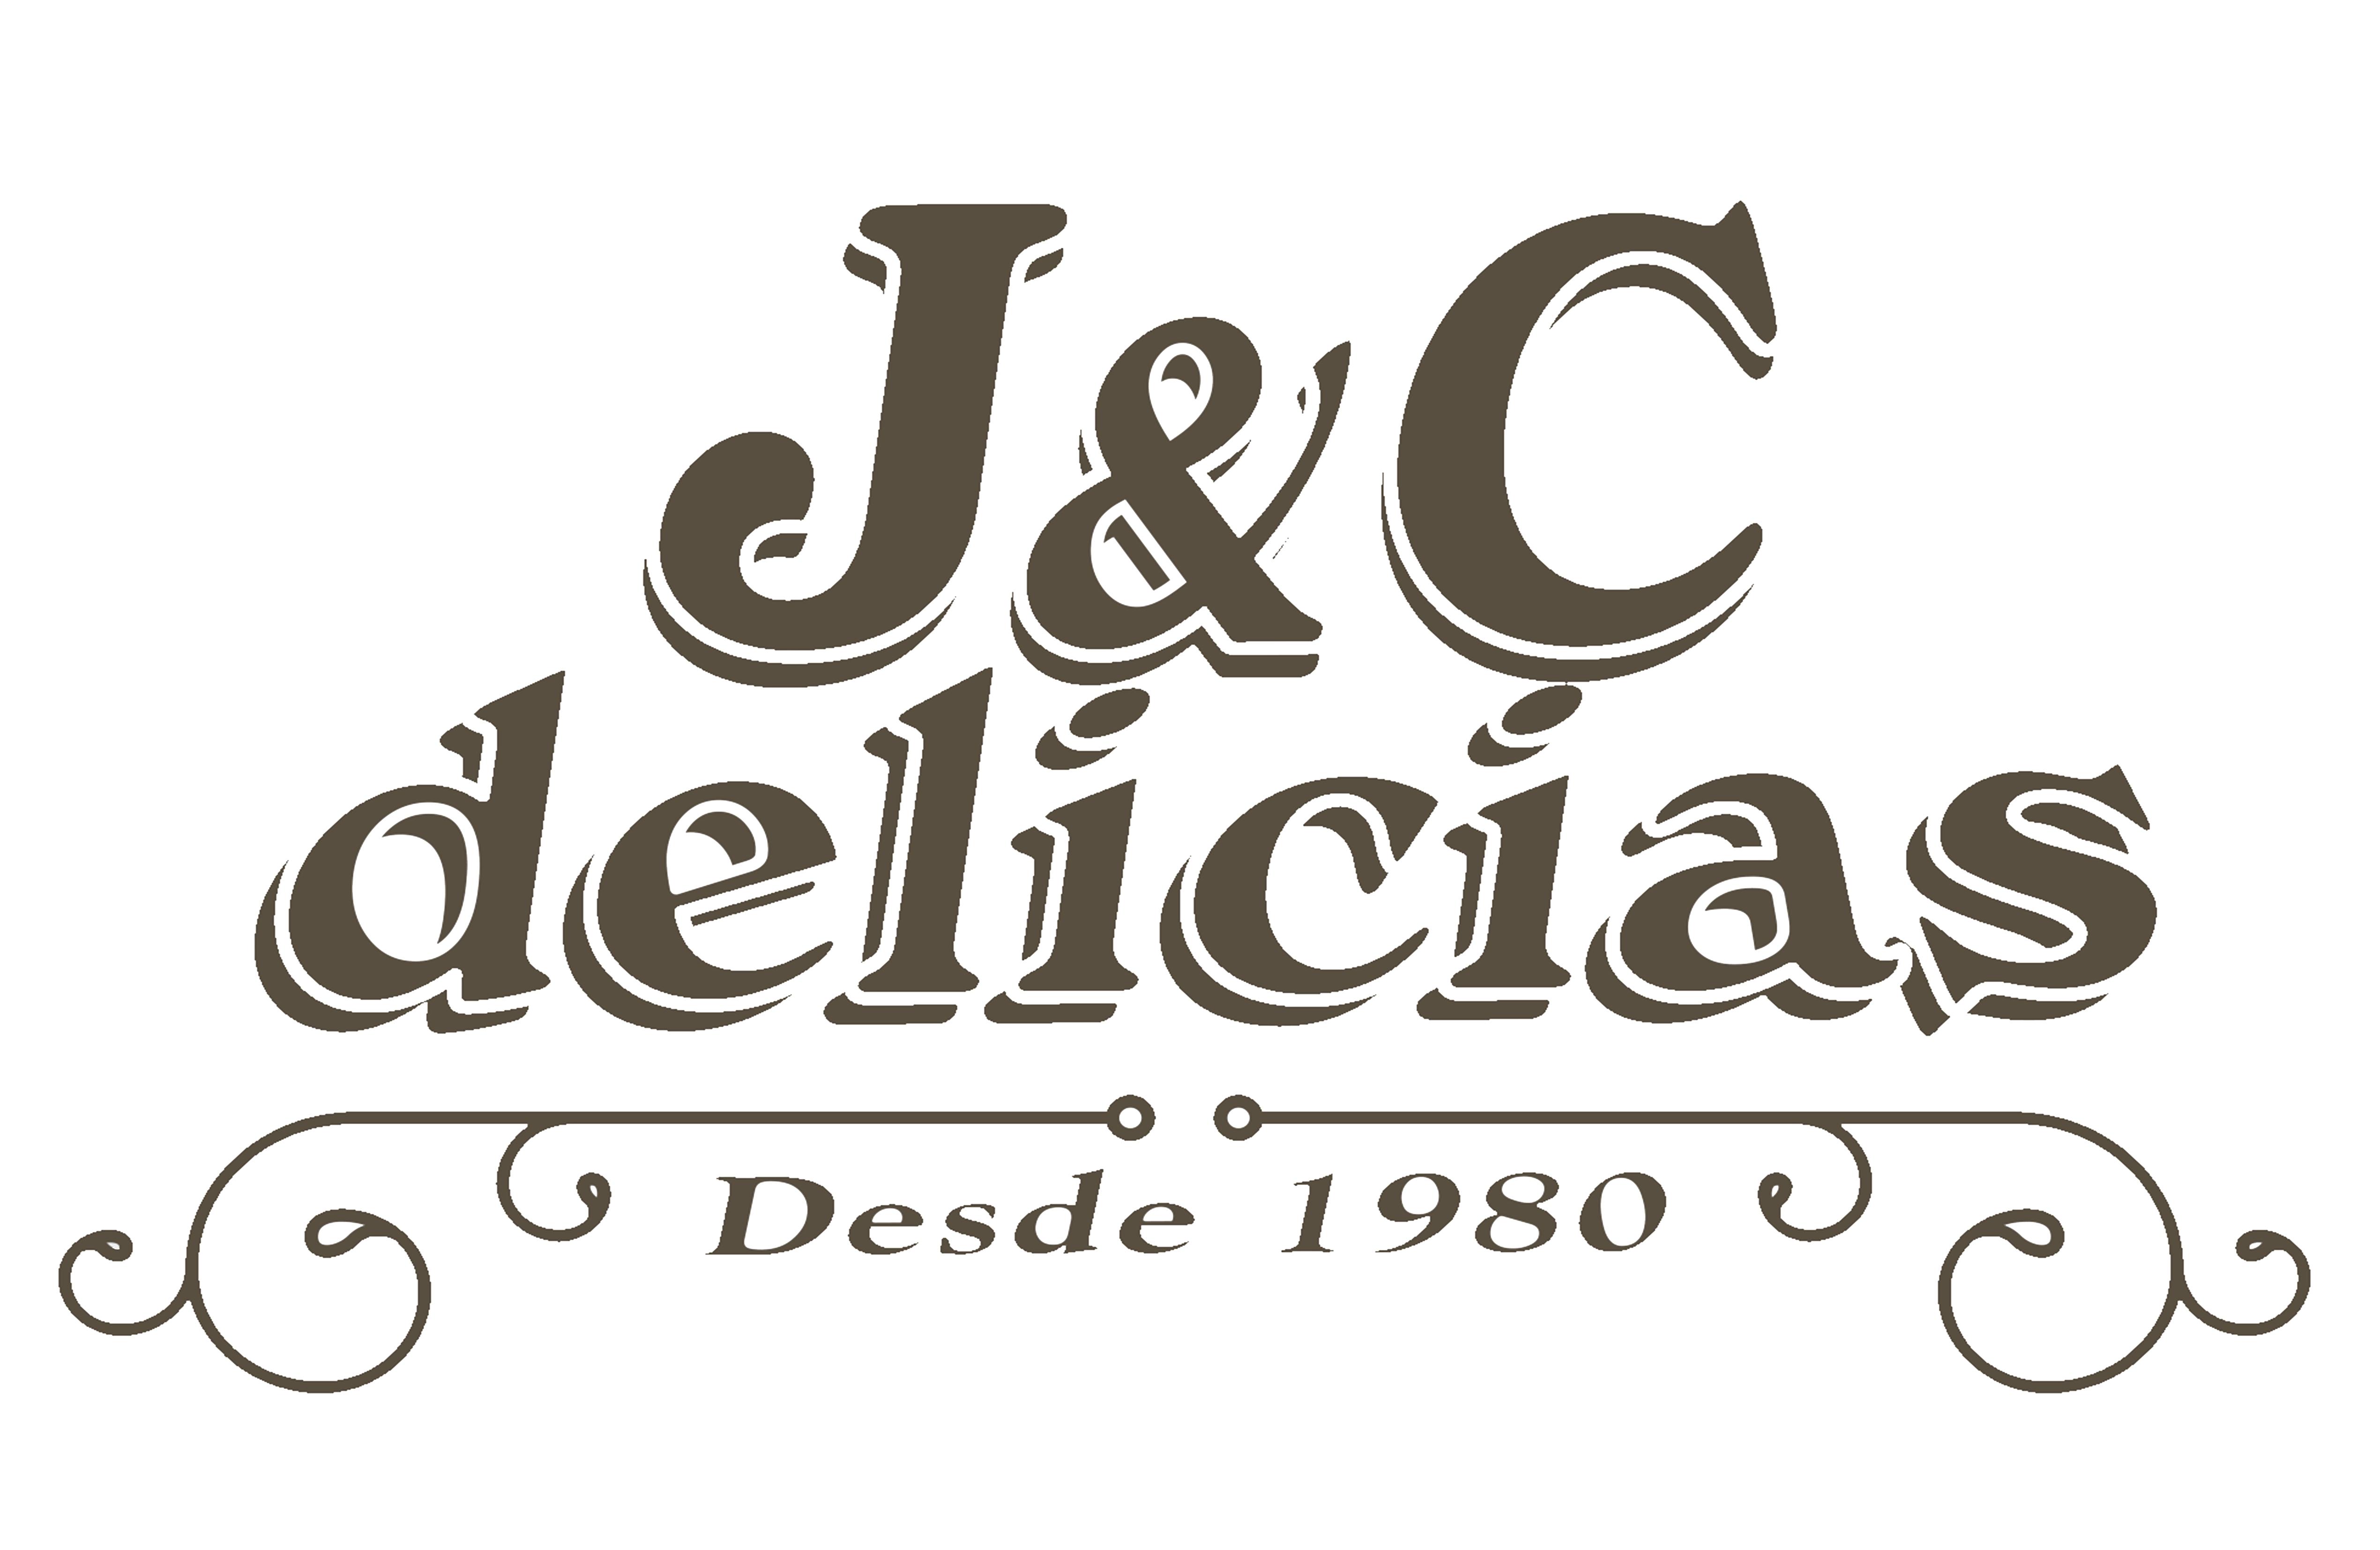 J&C Delicias City Plaza Medellín